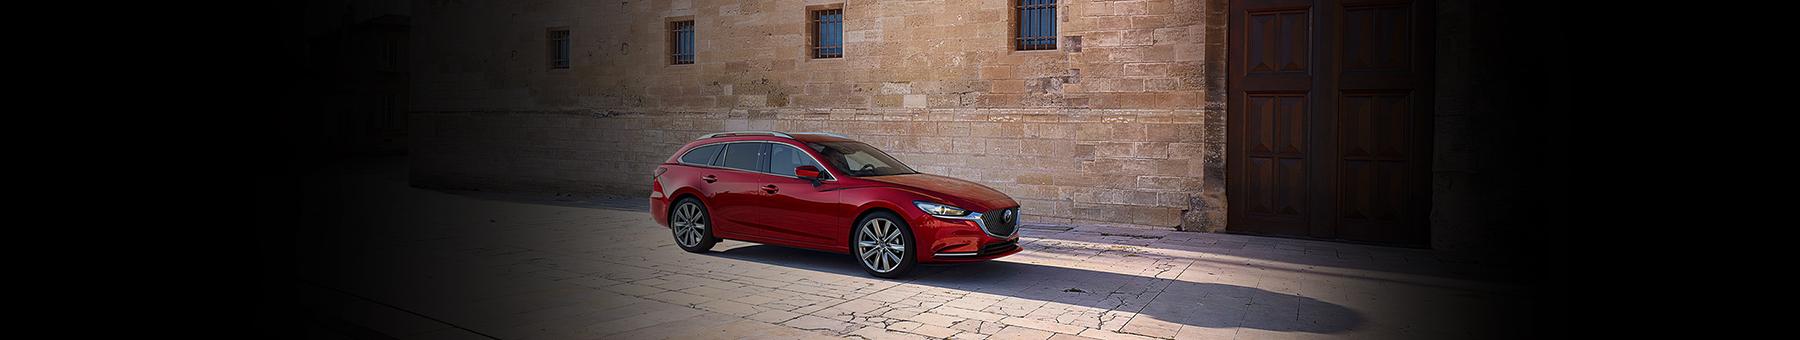 Mazda6 modeljaar 2021